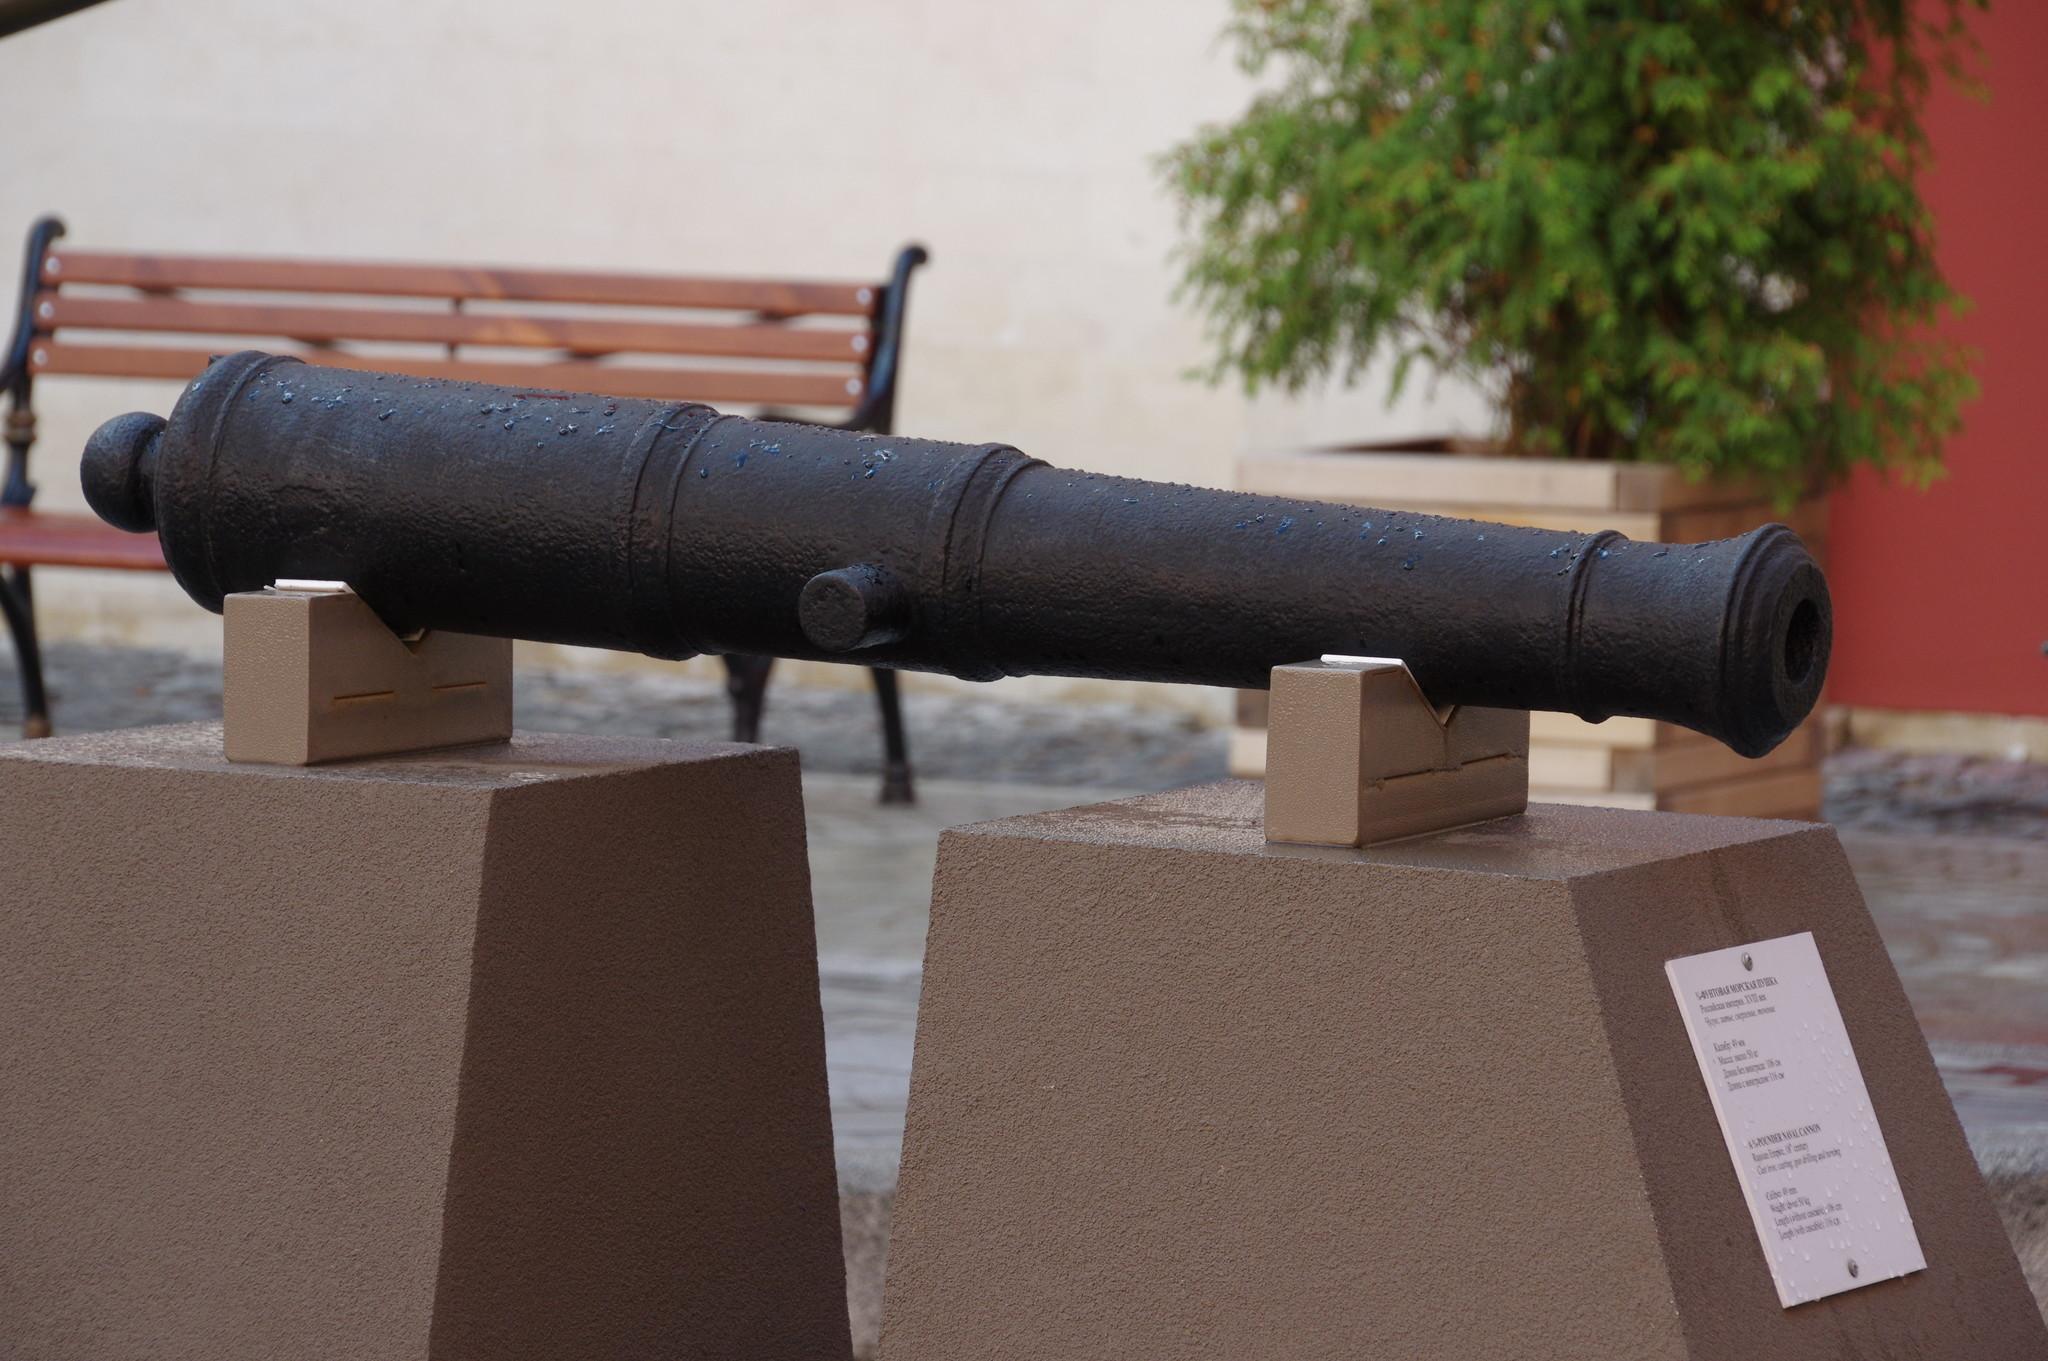 3/4-фунтовая морская пушка. Российская империя. XVIII век. Чугун; литьё, сверление, точение. Калибр: 49 мм. Масса: около 50 кг. Длина без винограда: 106 см. Длина с виноградом: 116 см.